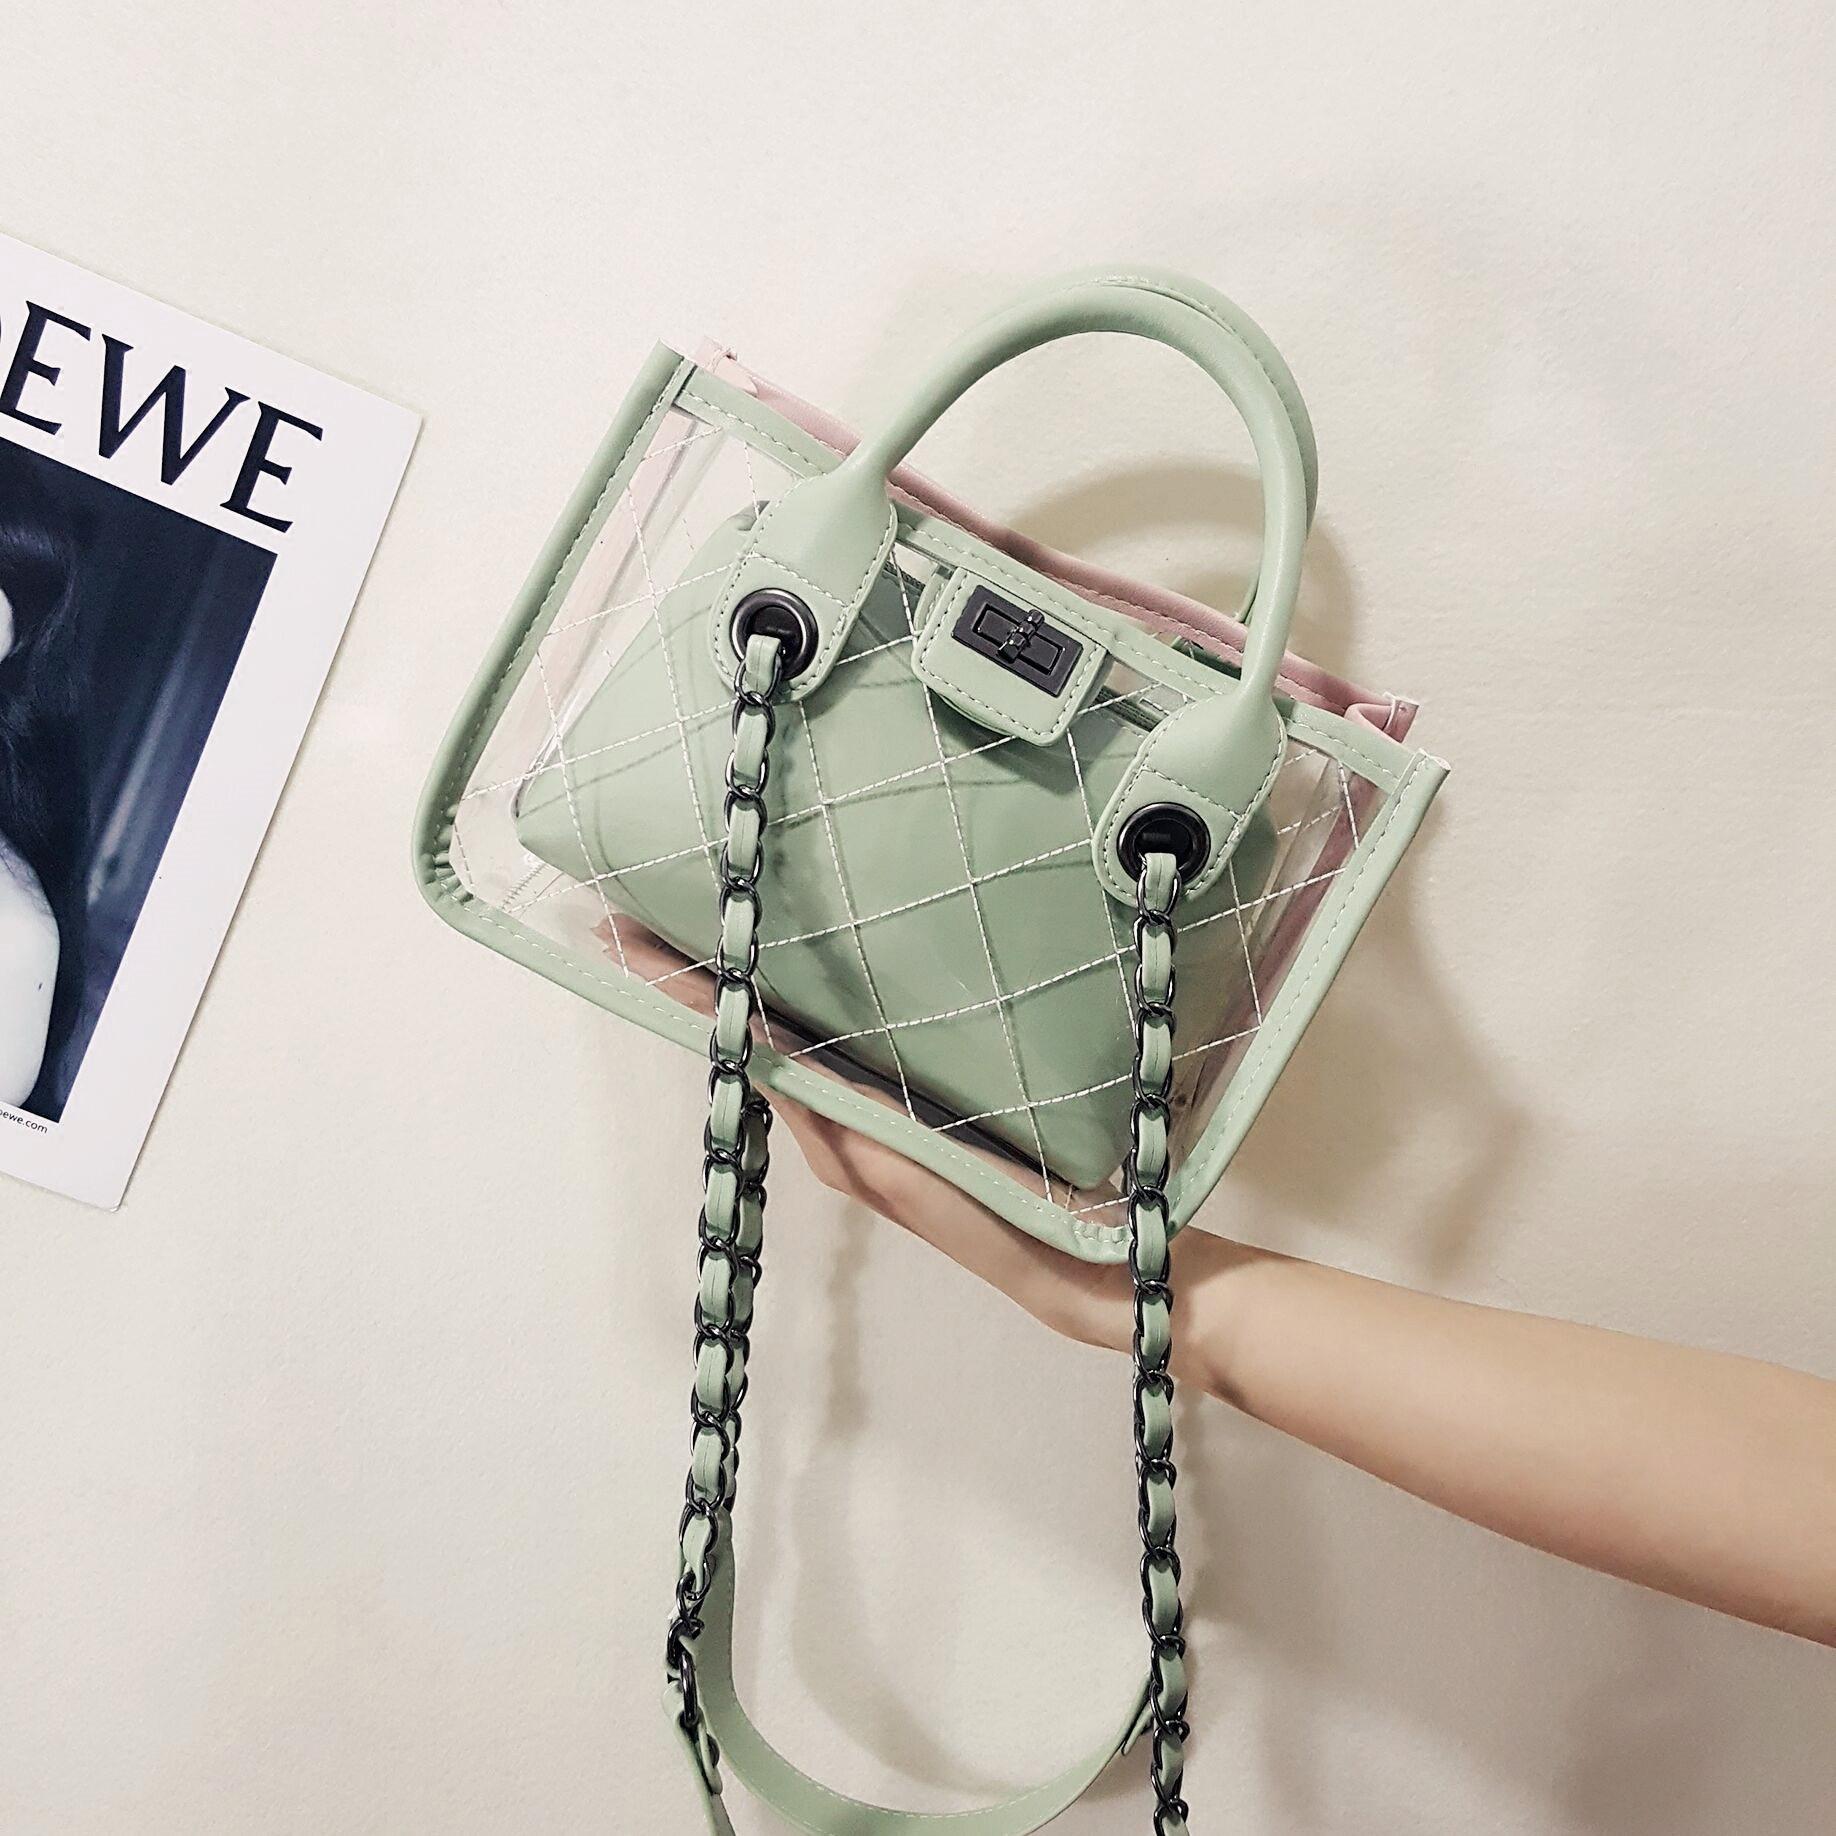 绿色链条包 2018新款韩版百搭透明包菱格果冻包小香风撞色链条单肩包子母包_推荐淘宝好看的绿色链条包